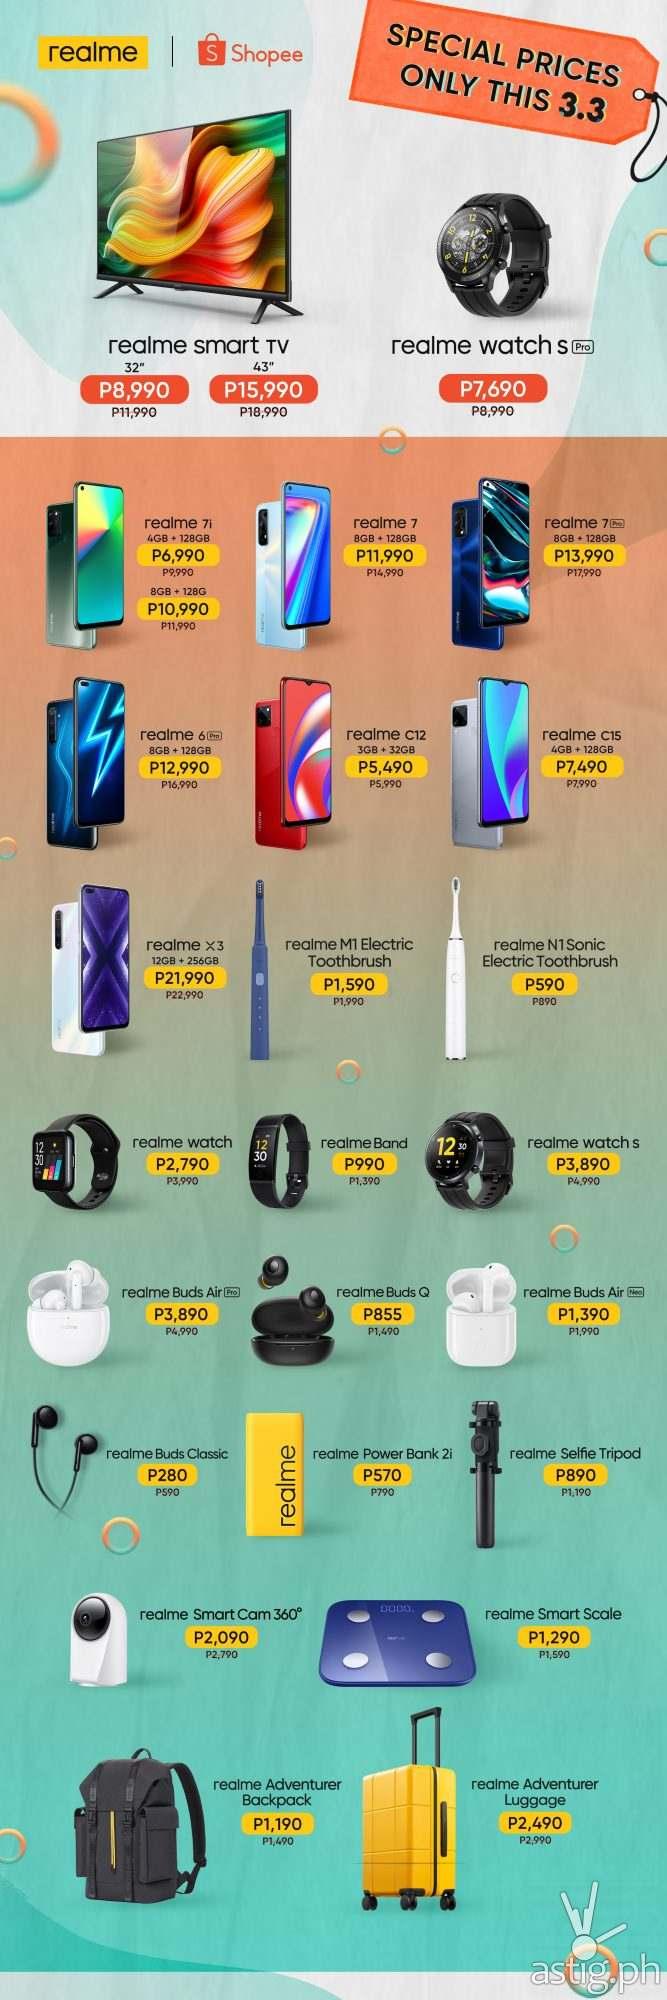 realme Shopee 3.3 Mega Shopping Sale